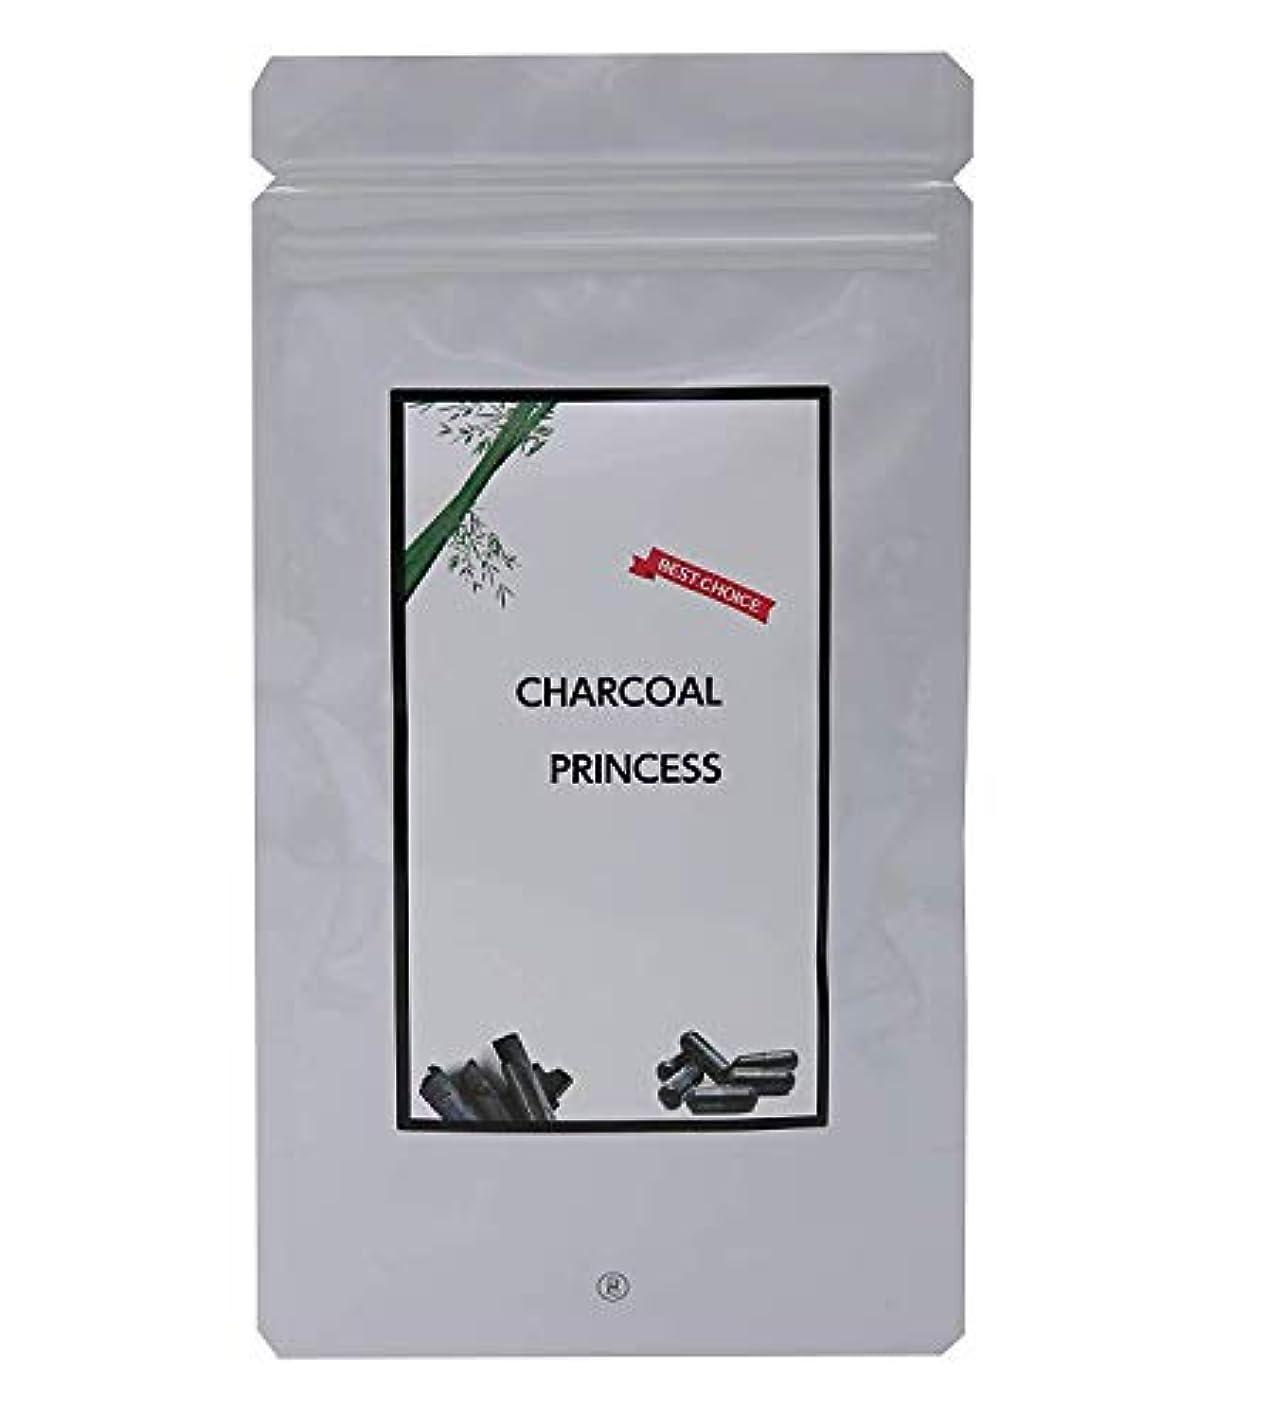 ペリスコープキャロライン要求するチャコールクレンズ CHARCOAL PRINCESS【150粒入】50日分 竹炭粉カプセル